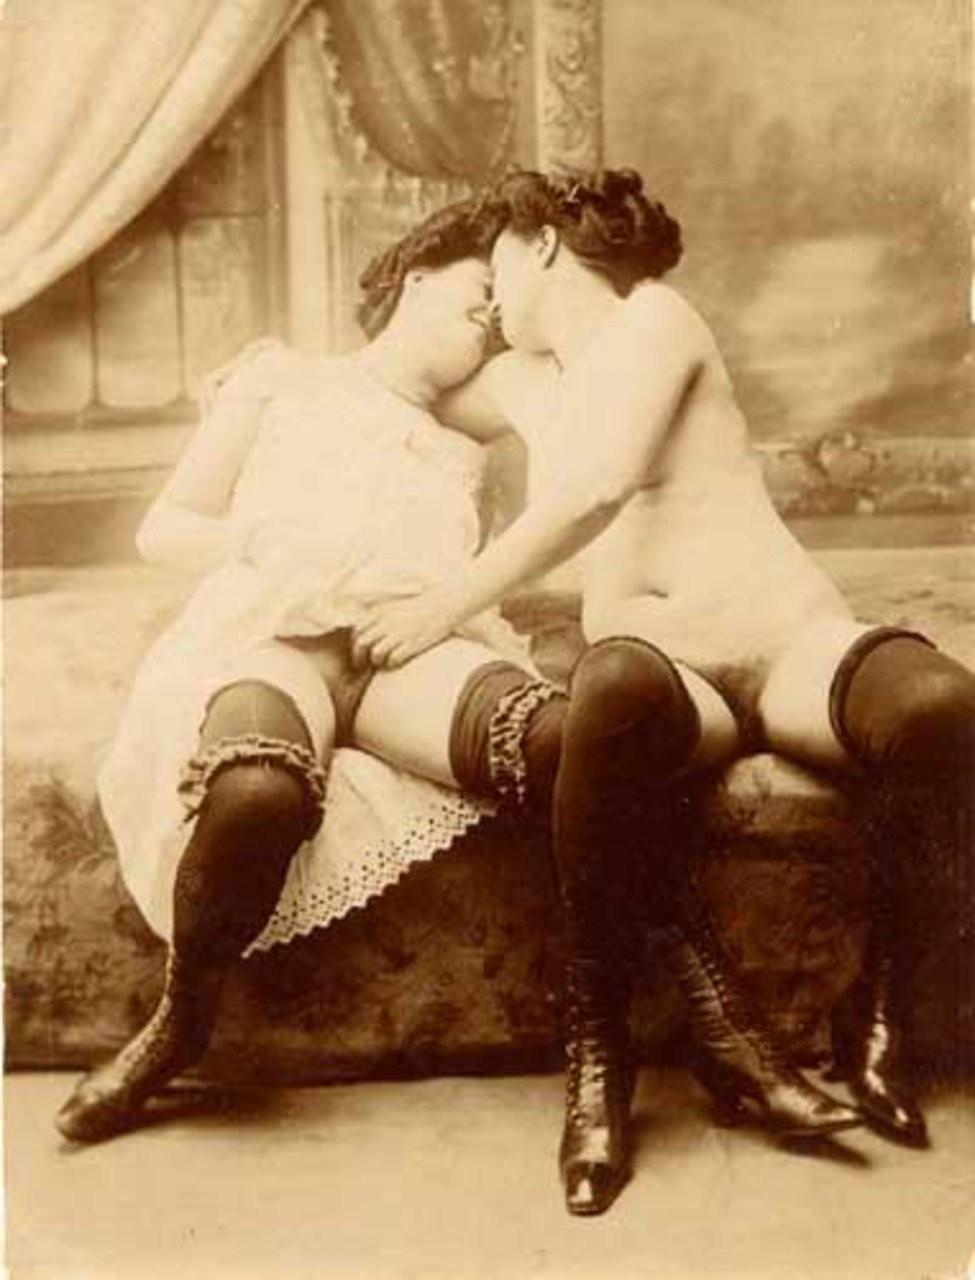 milf jacqueline bisset – Erotic